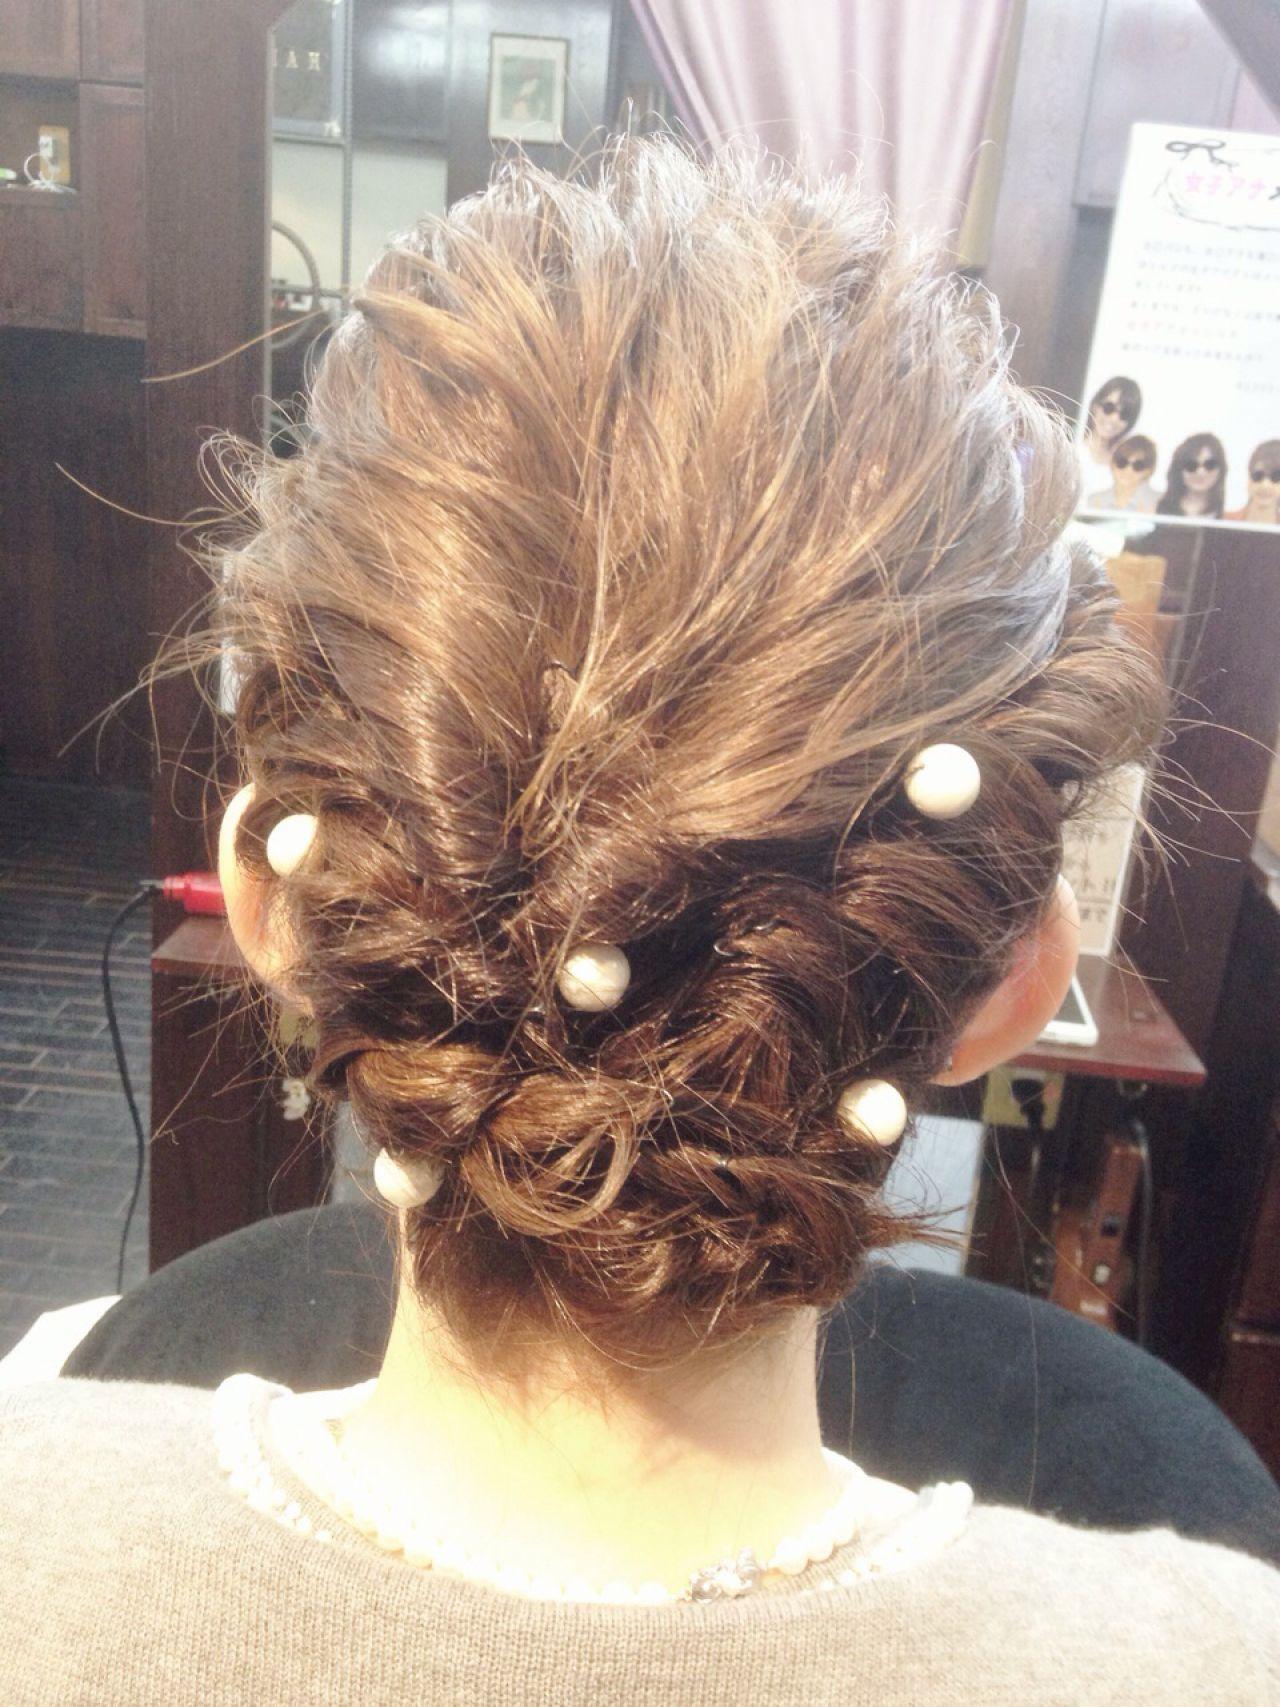 コンサバ 結婚式 ヘアアレンジ 三つ編み ヘアスタイルや髪型の写真・画像 | 吉田 美香 HAREKE loopidea / HAREKE Loopidea